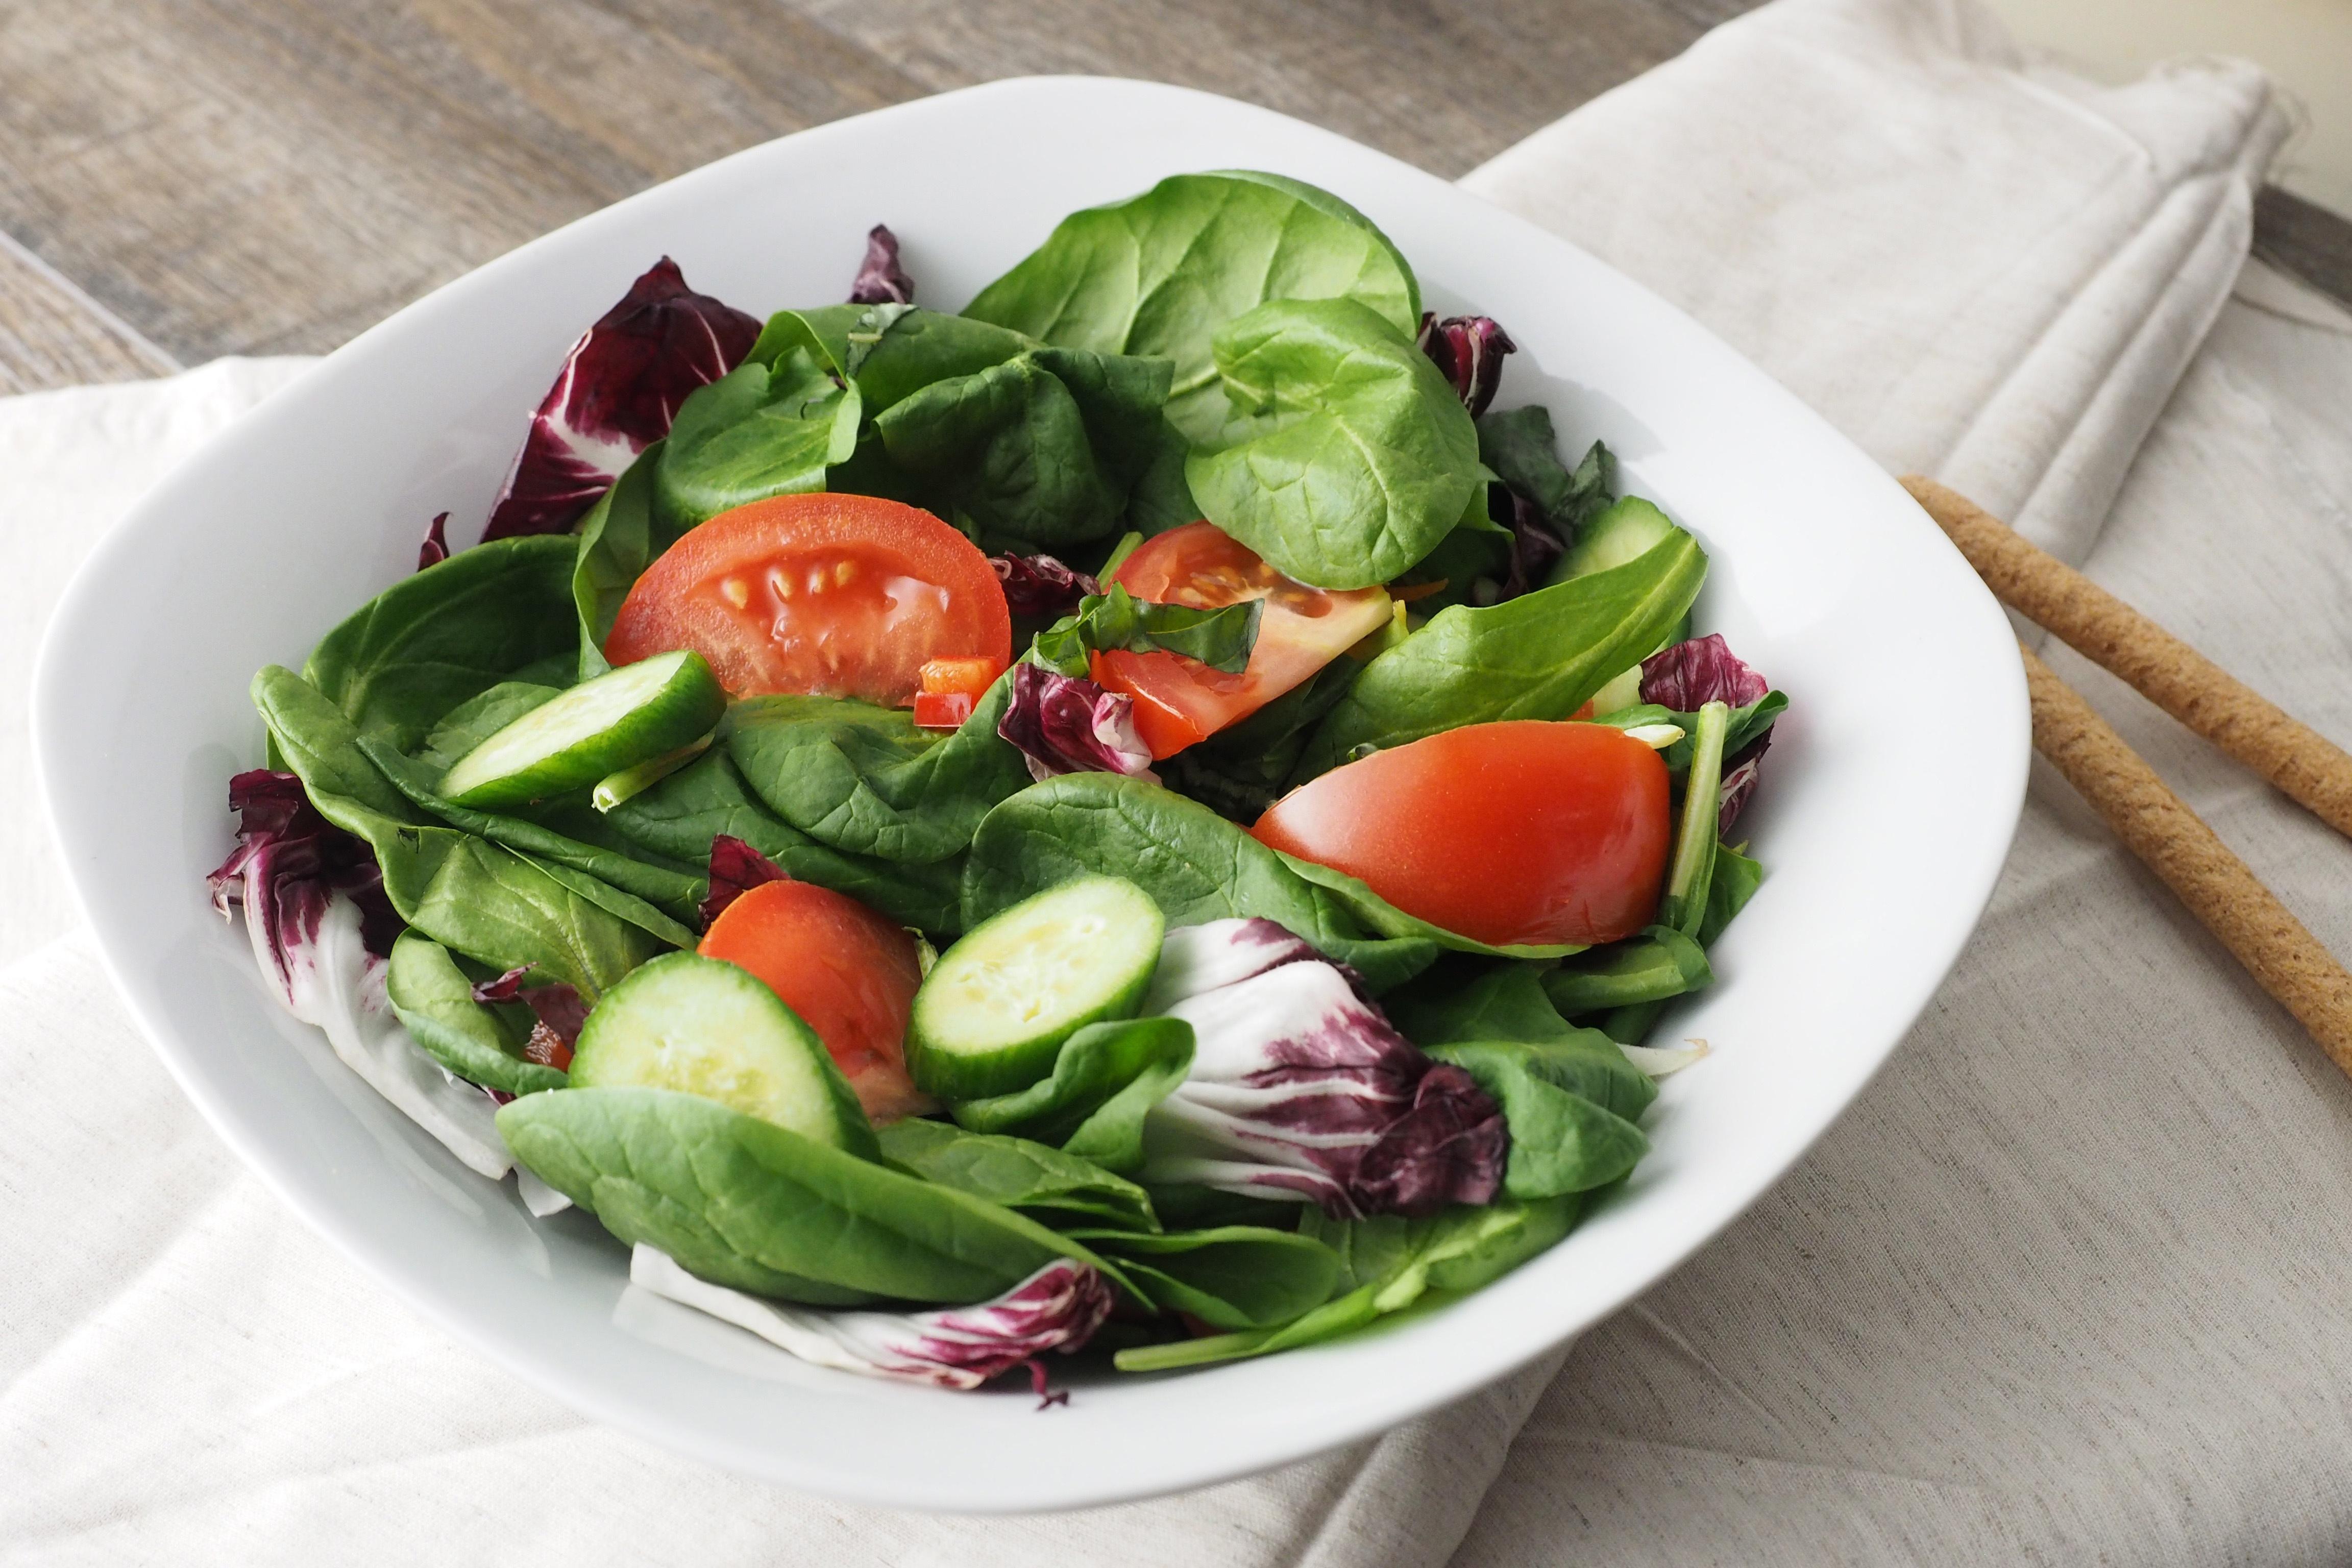 Картинки с рецептами салатов для правильного питания слышал как-то